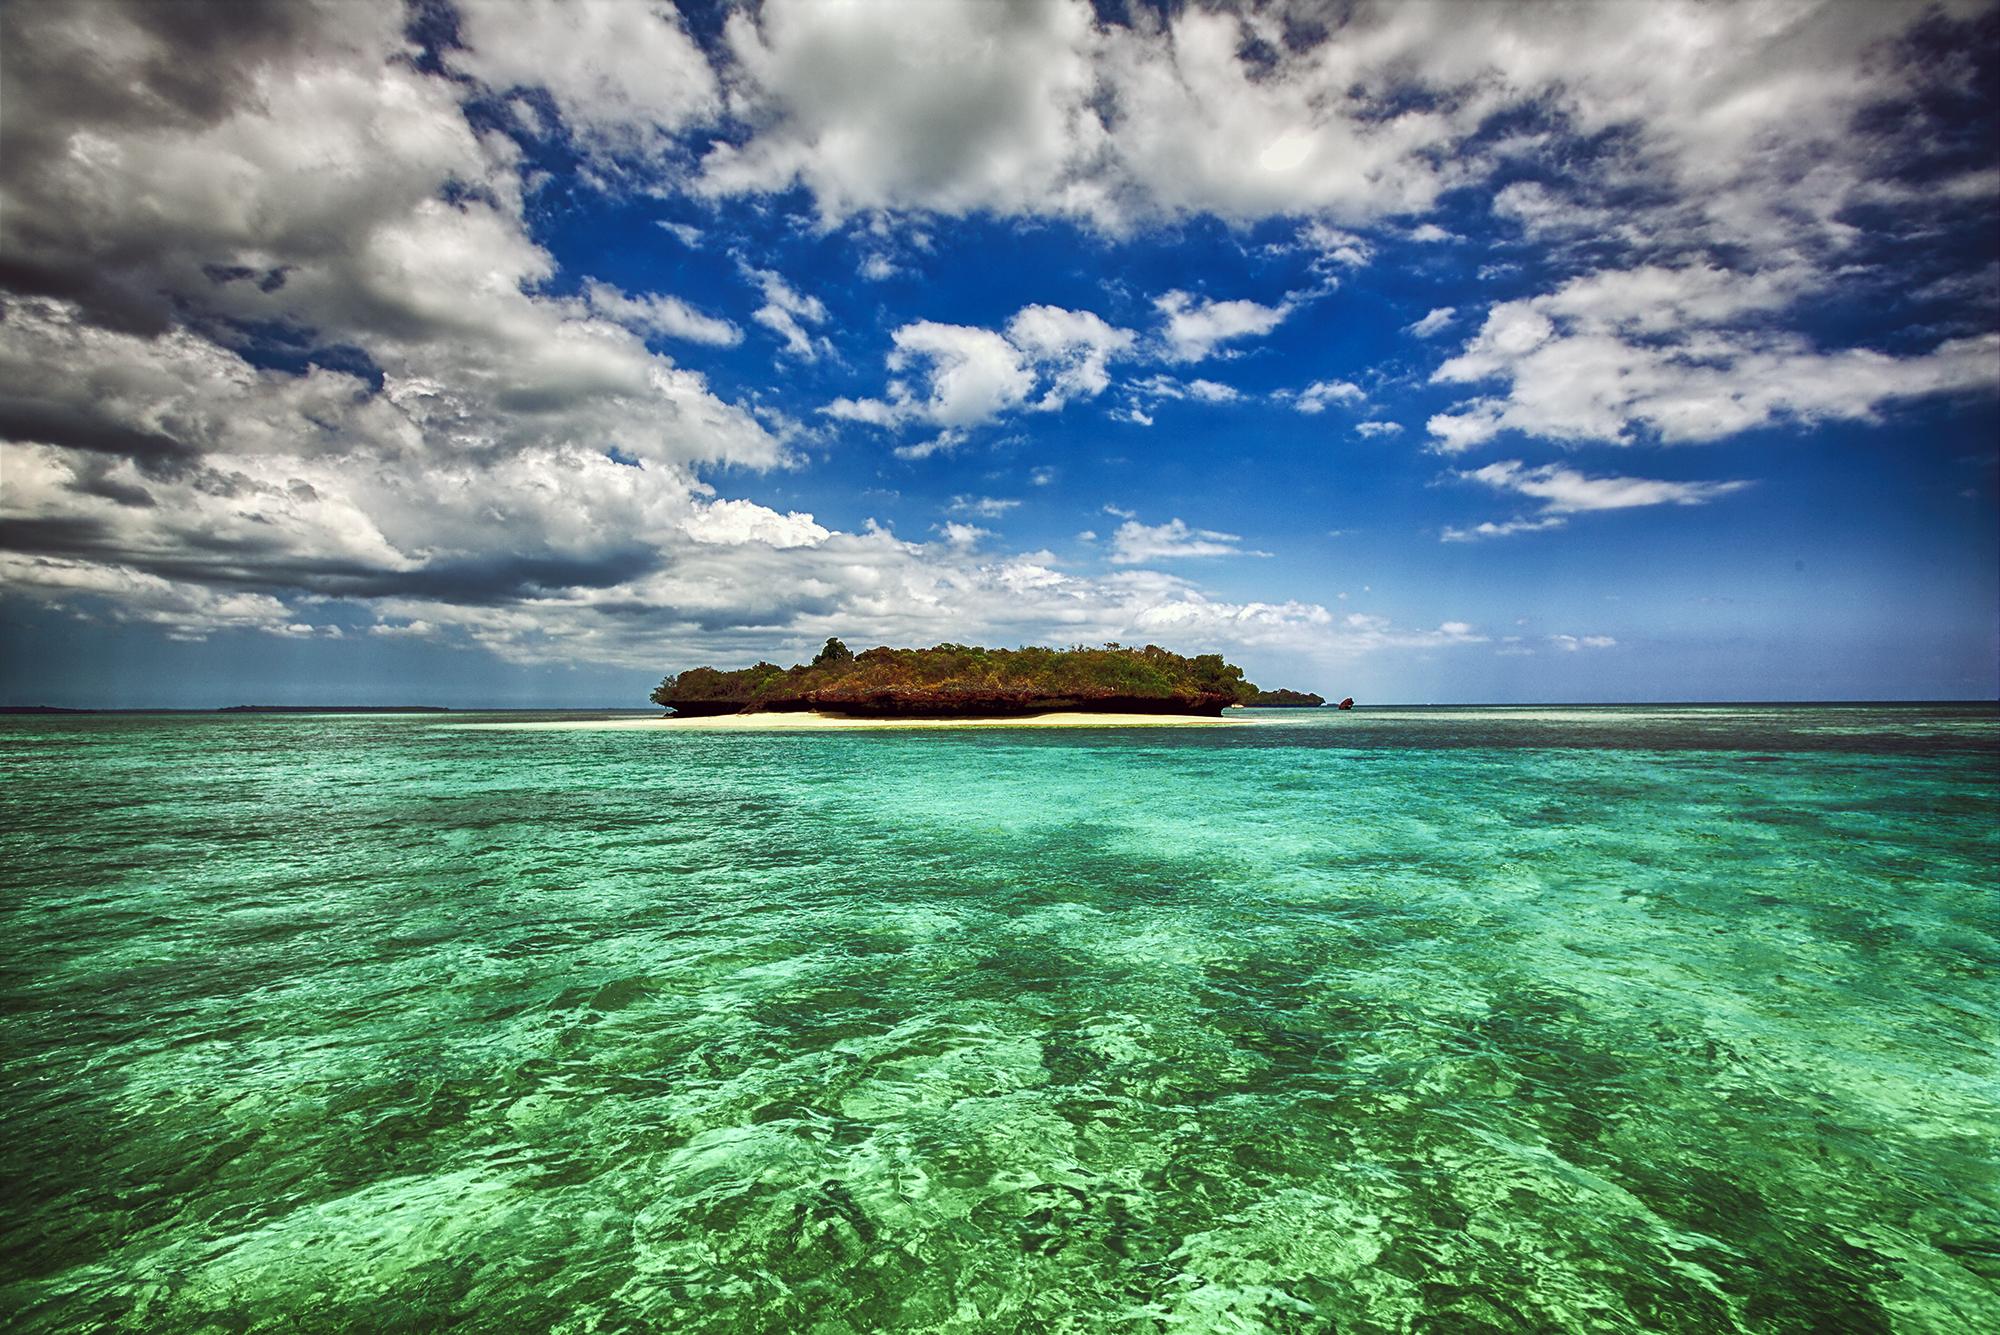 Funguvisiwa ya Zanzibar, allons-y!